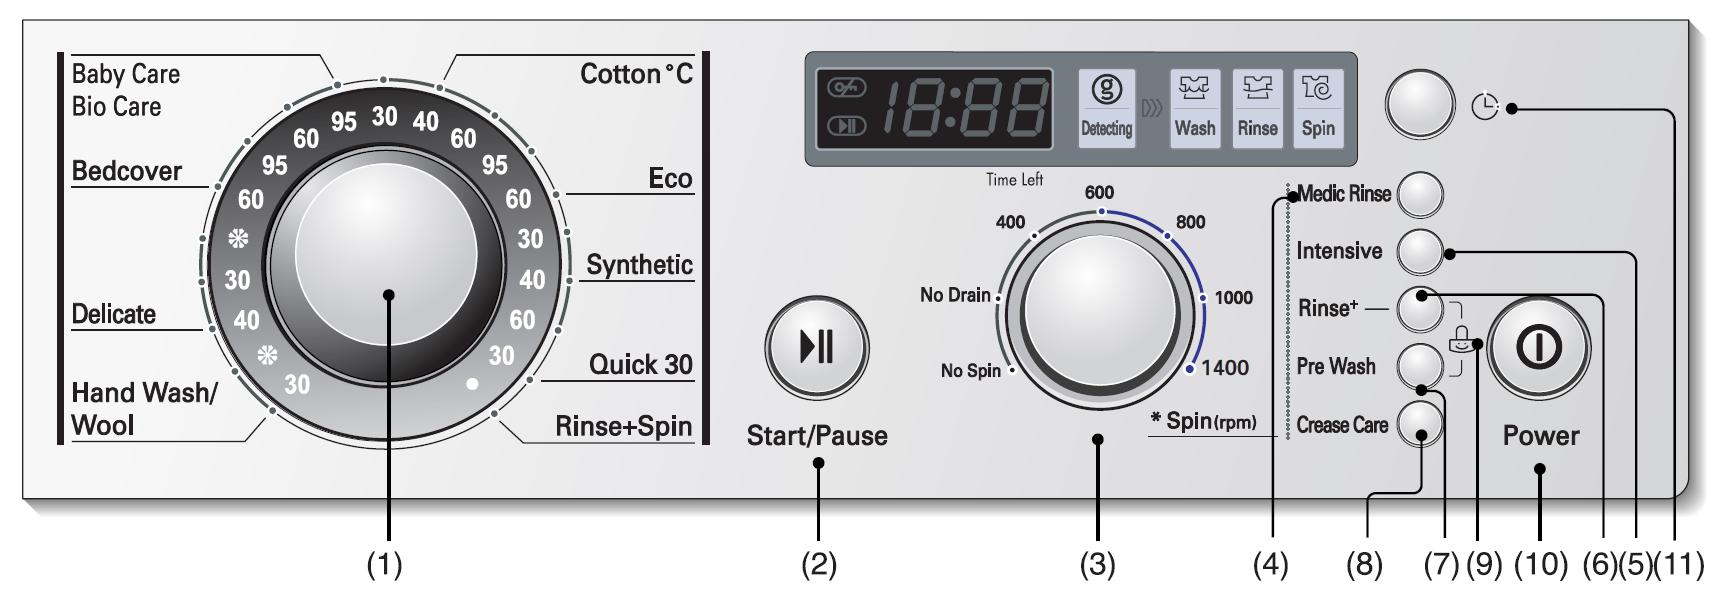 دکمه های روی ماشین لباسشویی ال جی نمونه چهارم